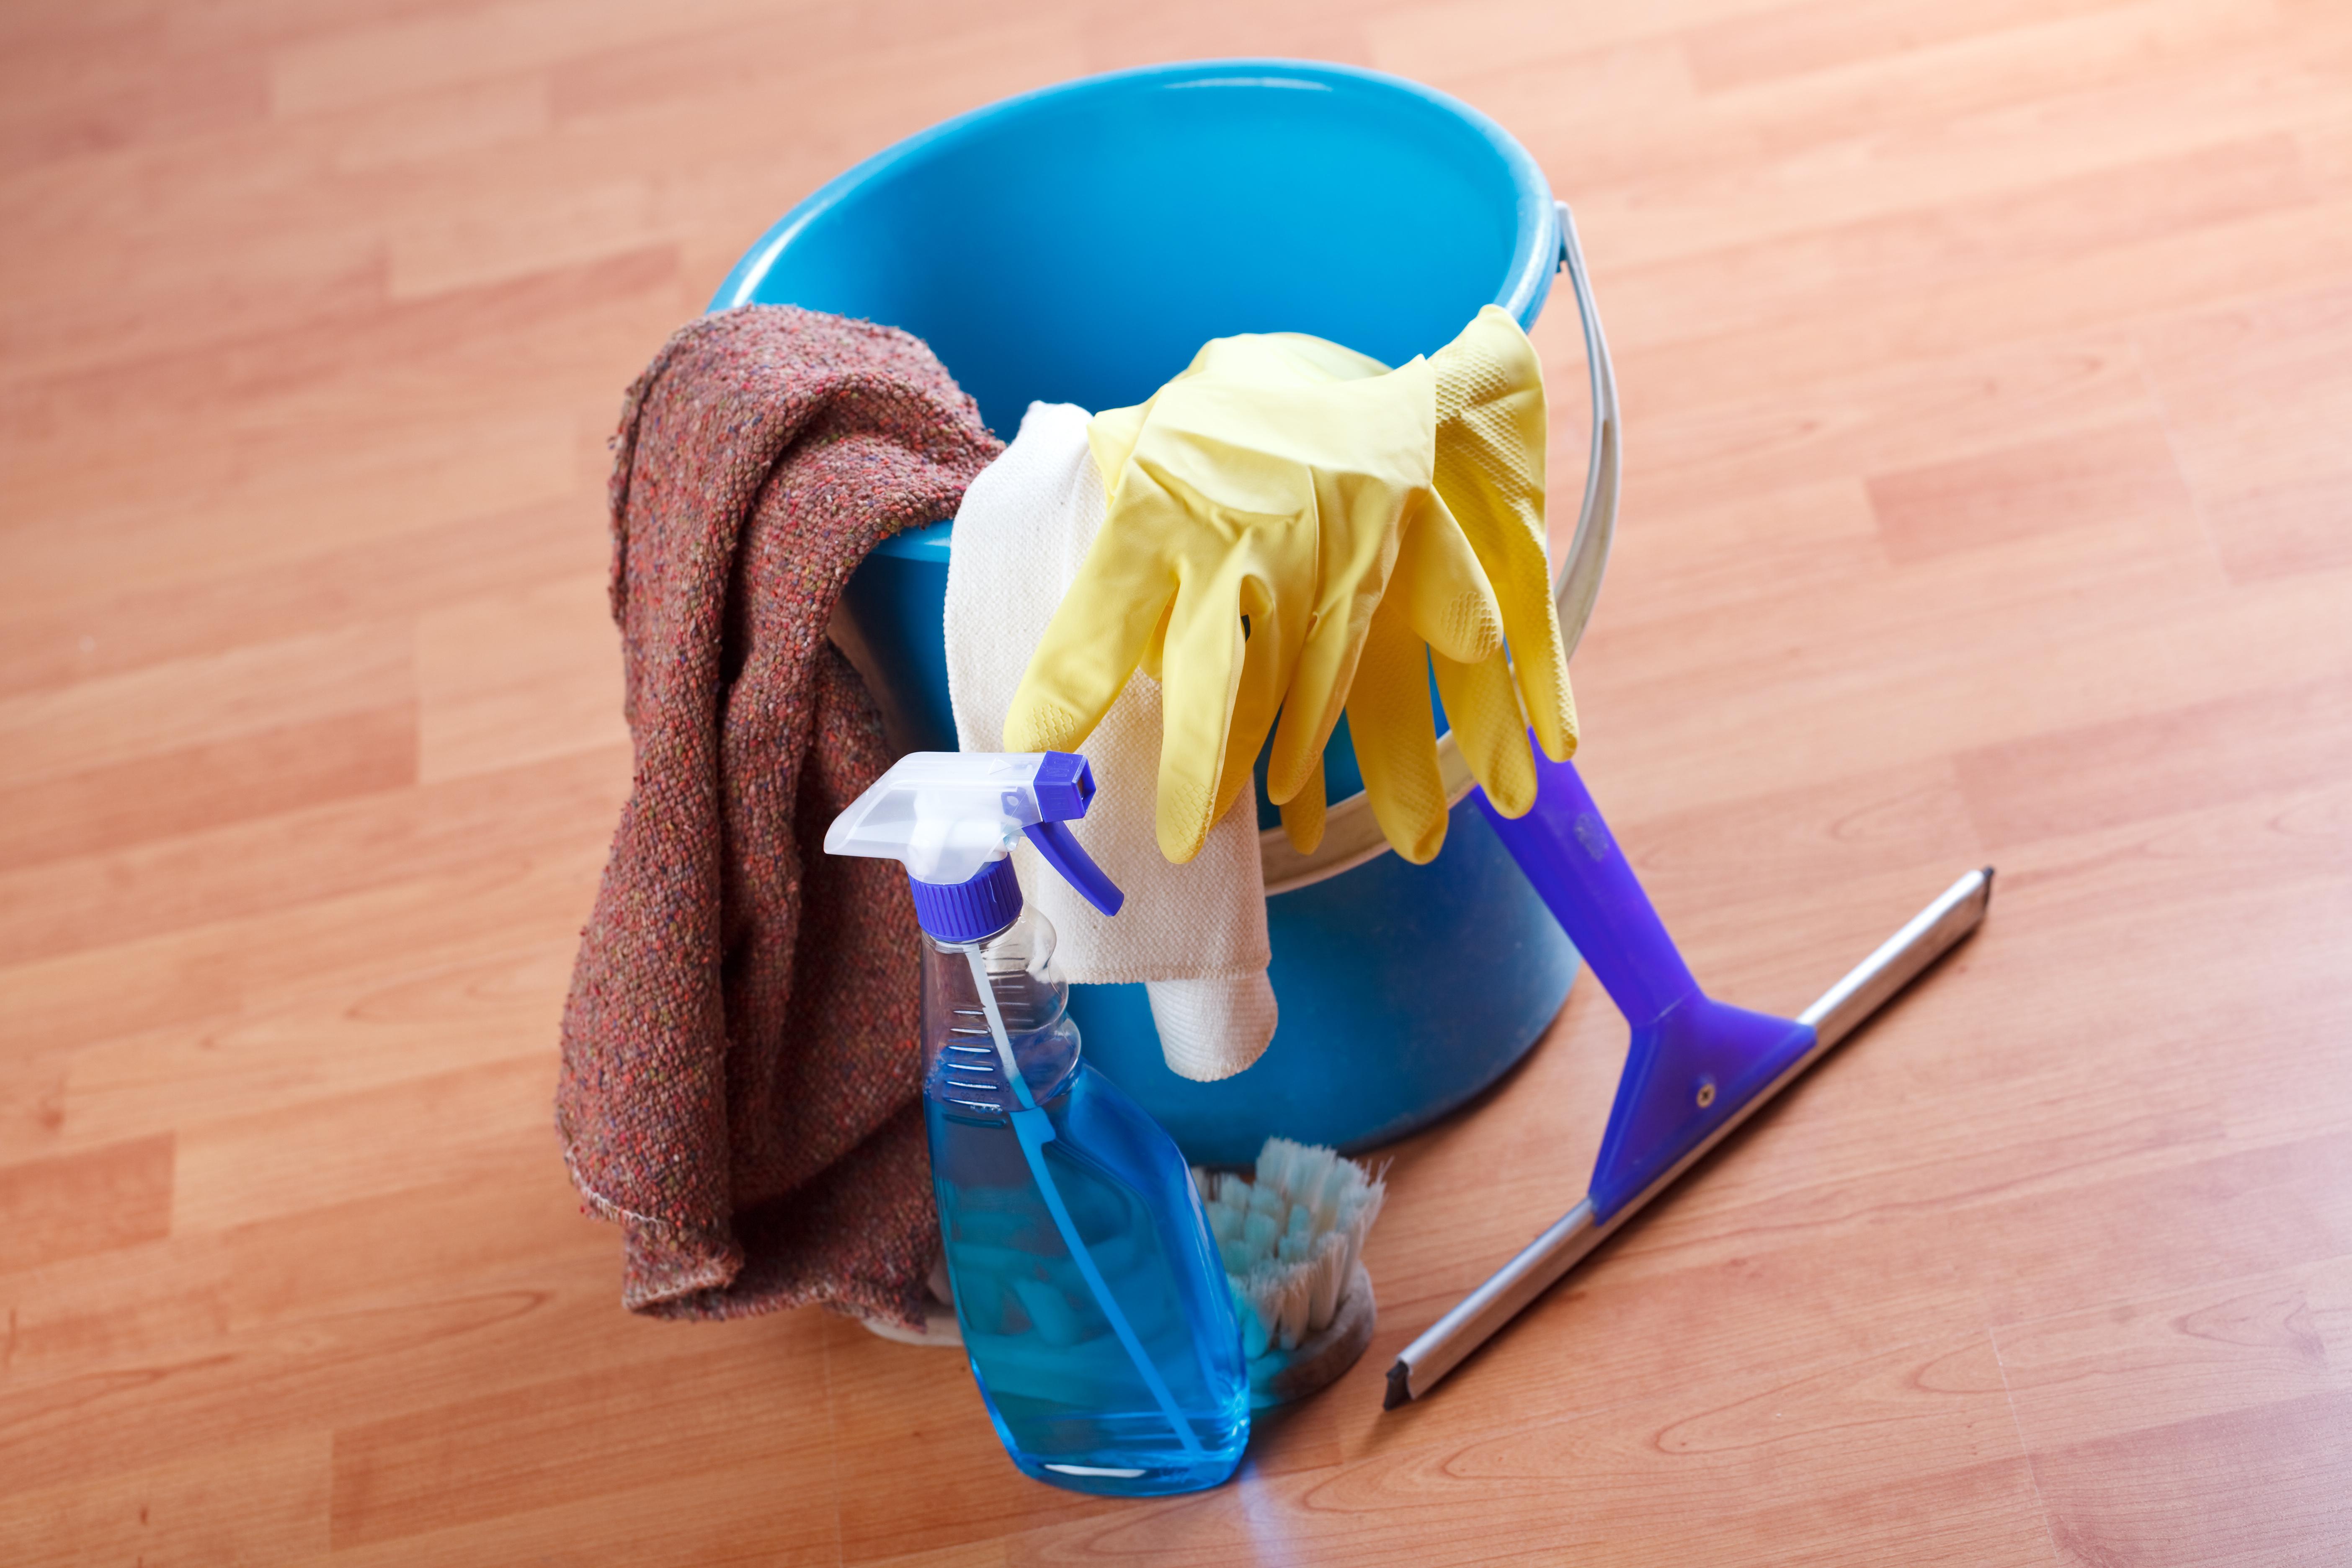 Previdno pri čiščenju stekla na oknih. Lotite se ga samo z mehkimi krpami in neagresivnimi čistilnimi sredstvi.